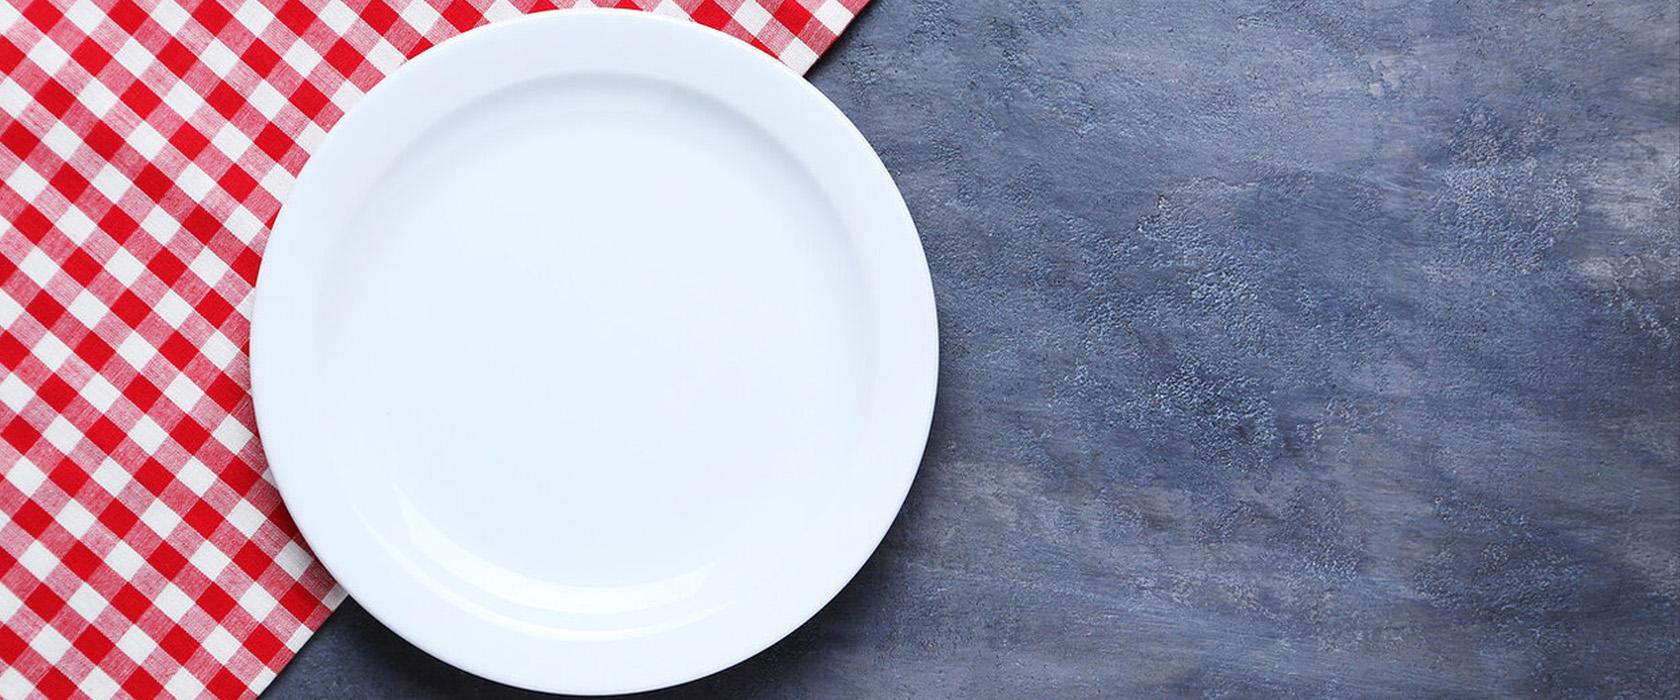 Польза и вред сухого голодания с точки зрения медицины   fok-zdorovie.ru